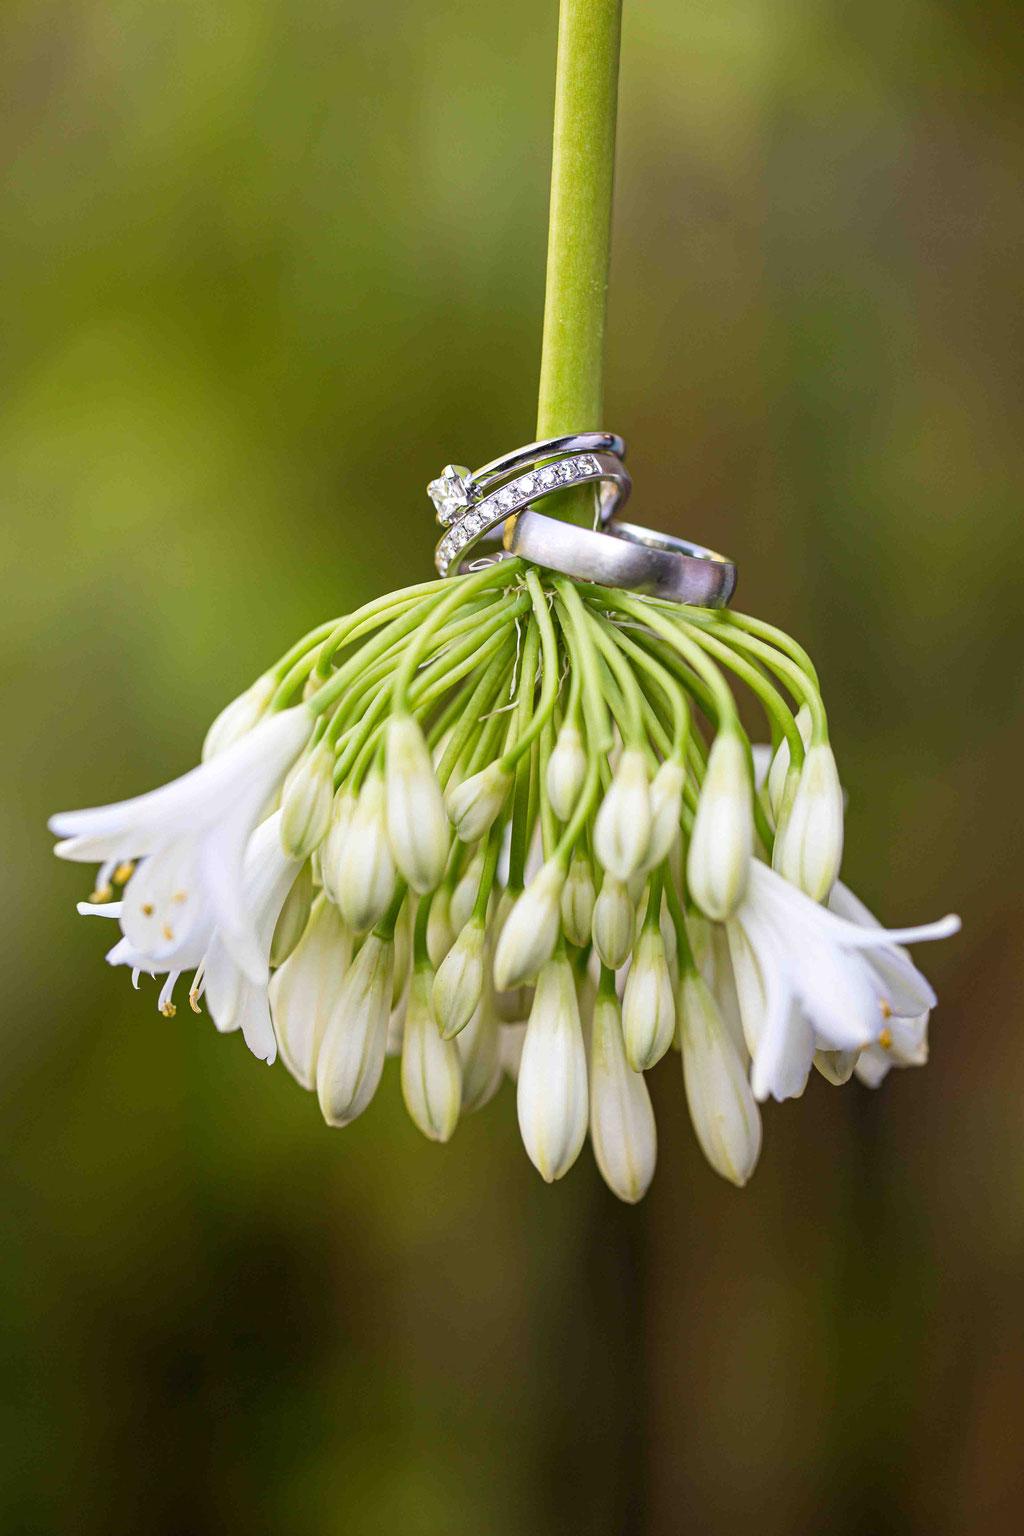 Bilder von Eheringen, künstlerische Ideen für Ehering, Aufnahmen der Hochzeit vom Hochzeitsfotograf